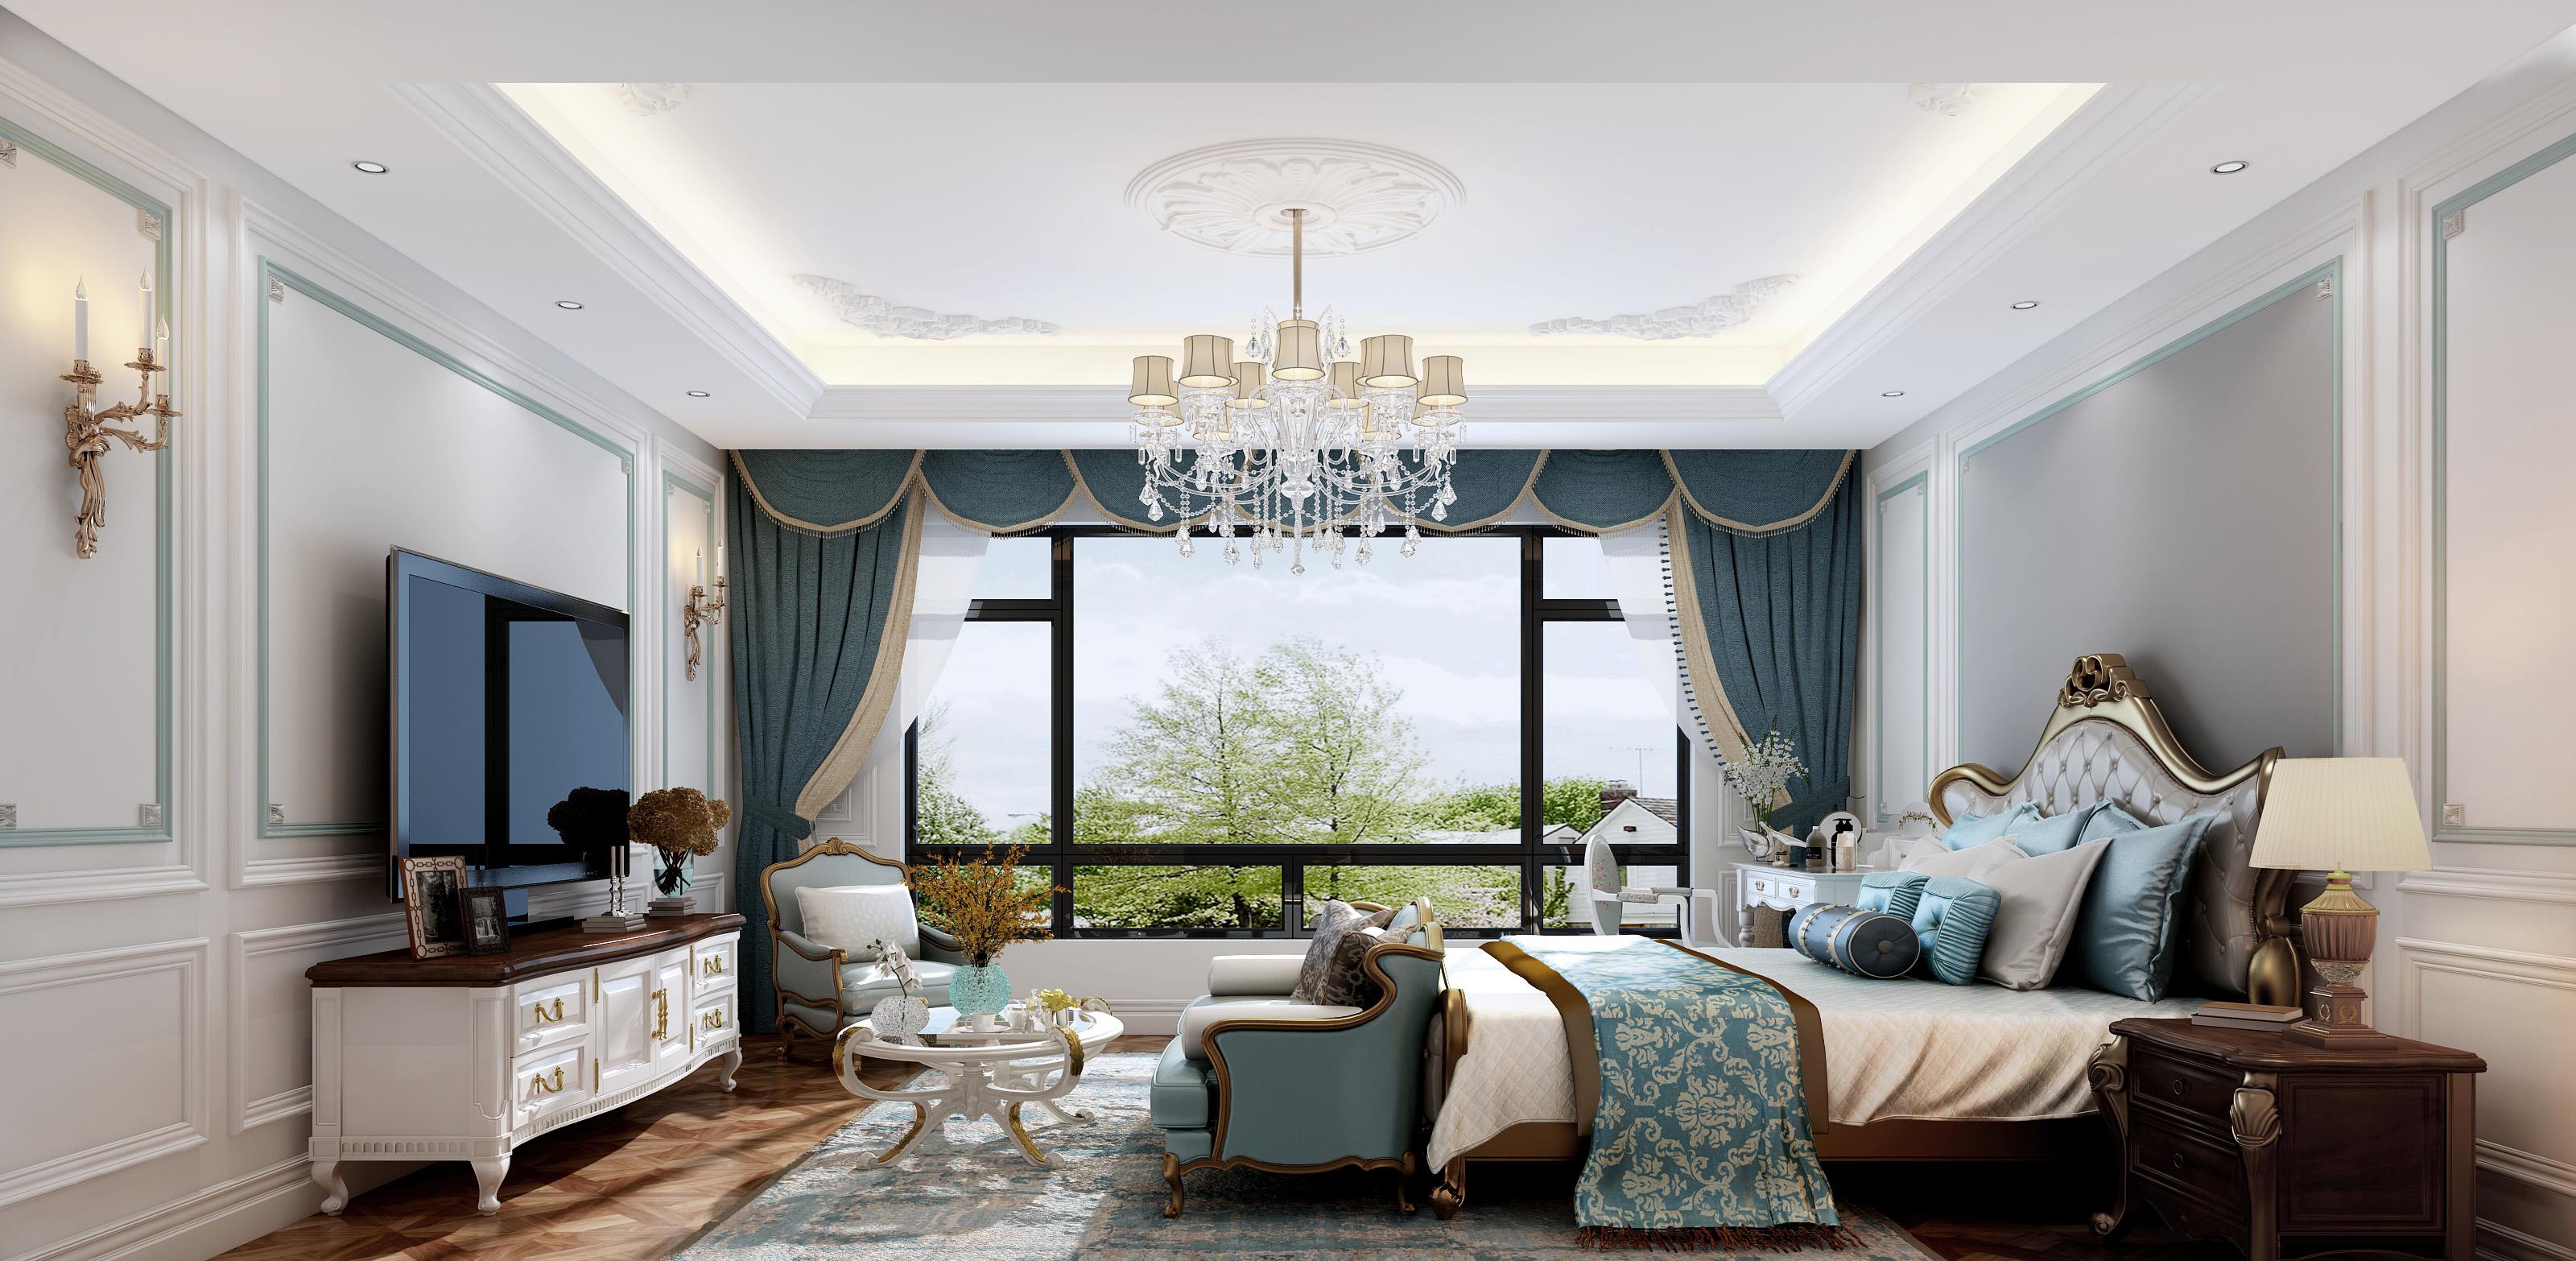 法式别墅卧室装修效果图